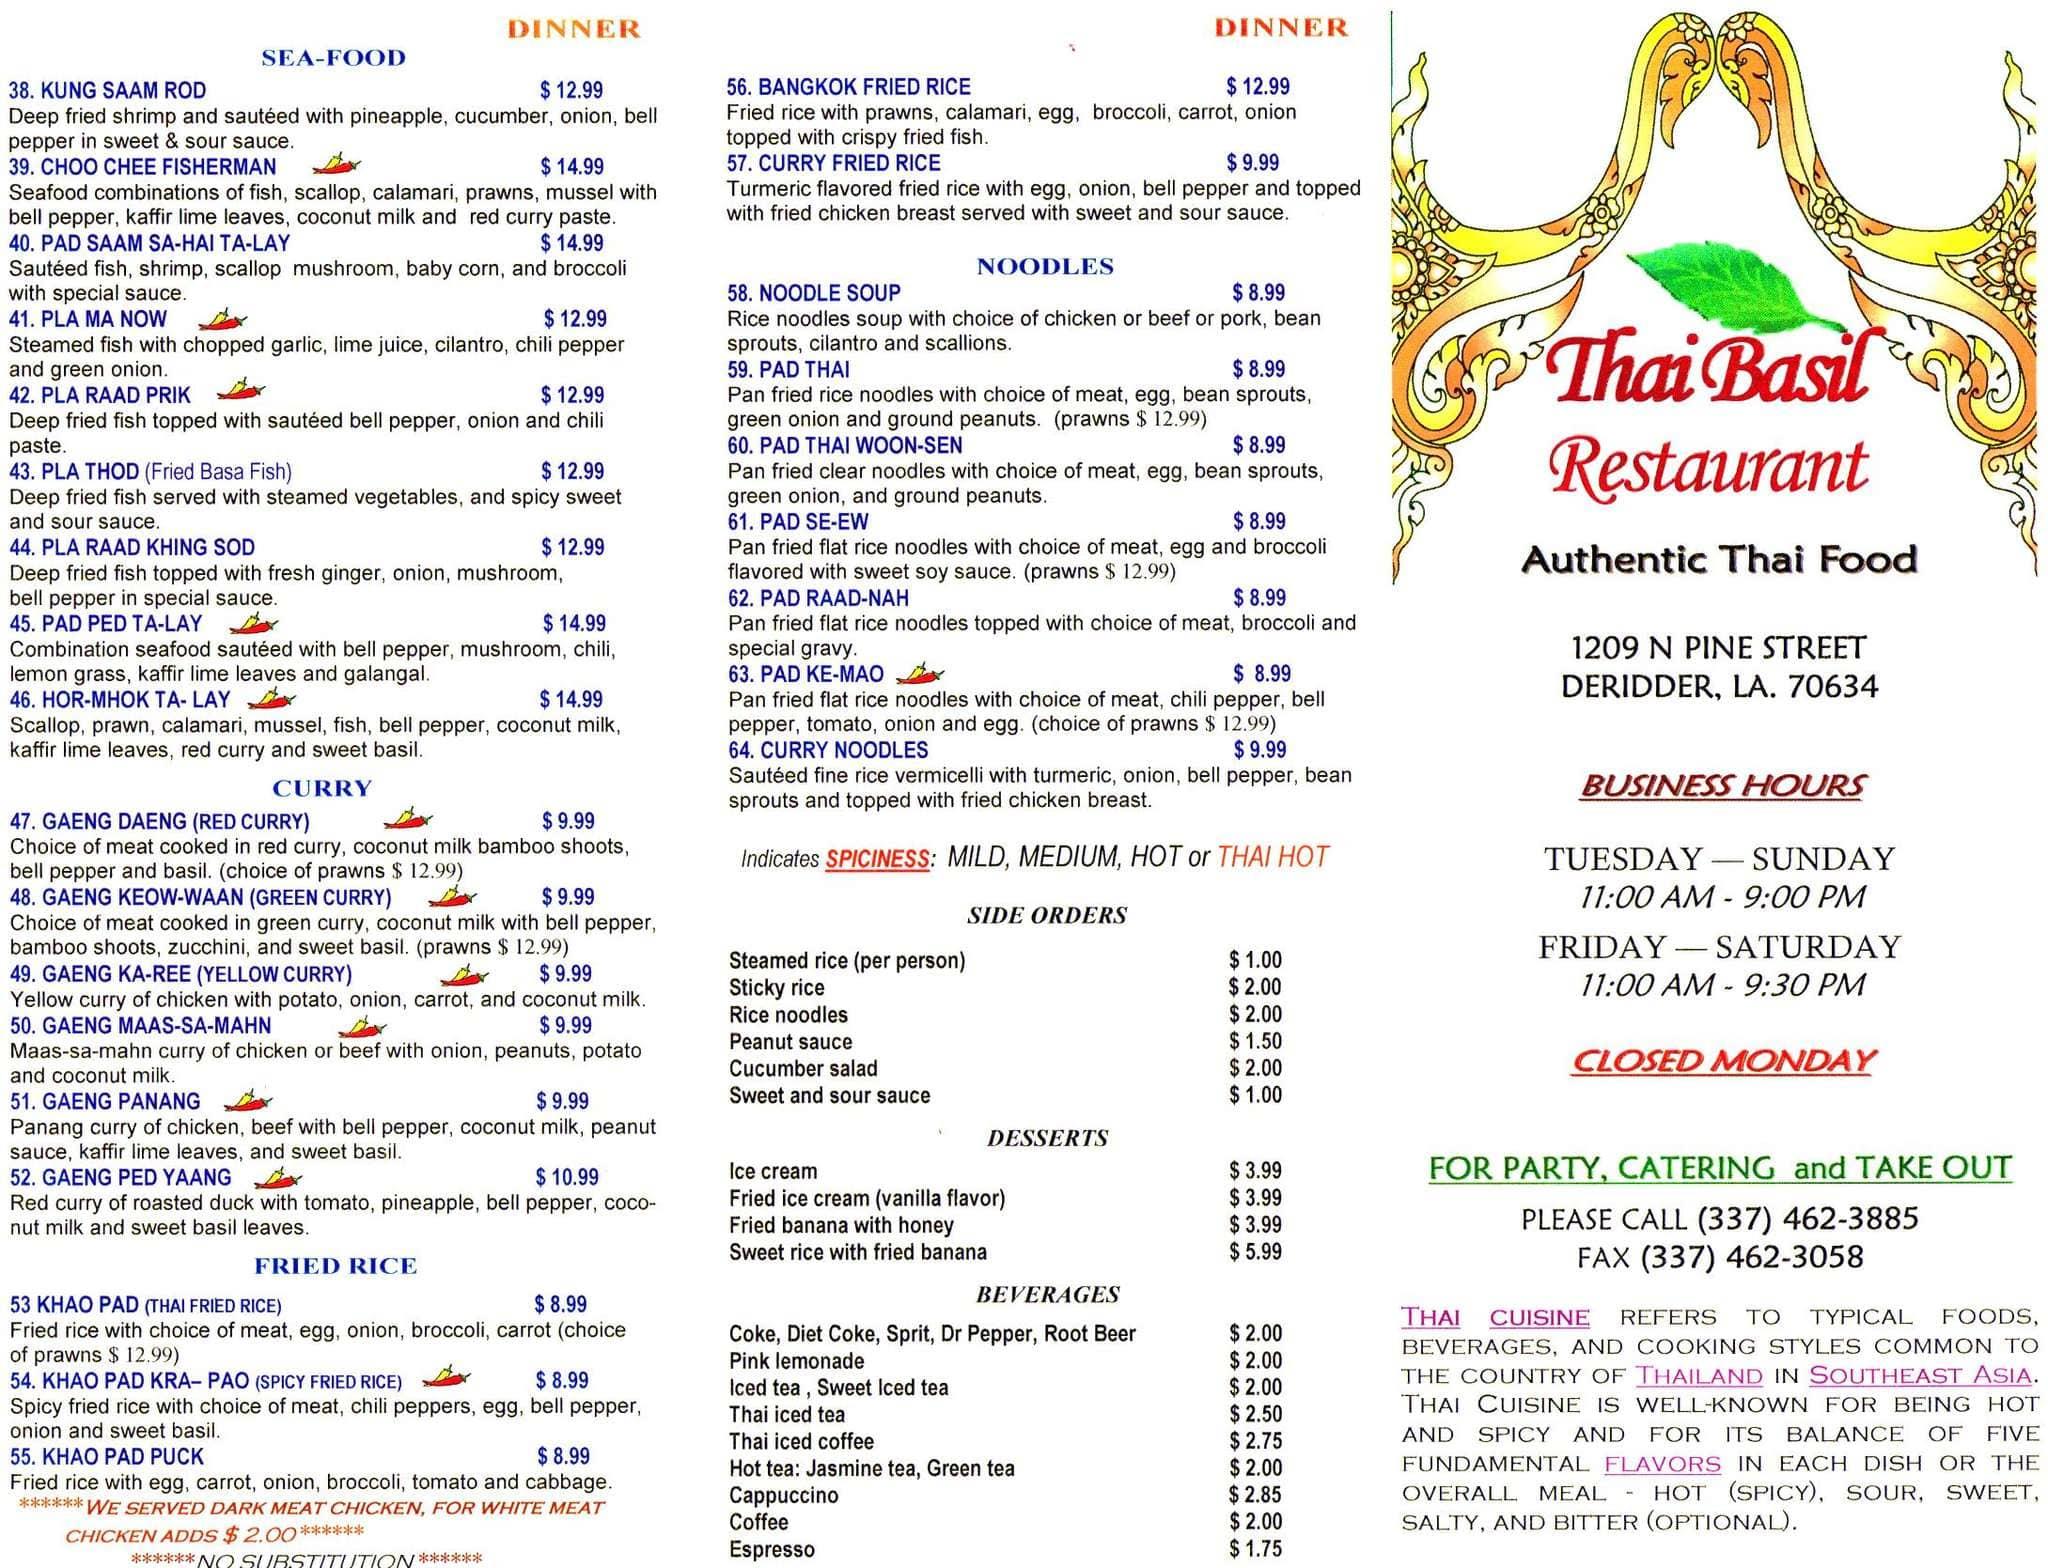 Thai Basil Restaurant Deridder Menu